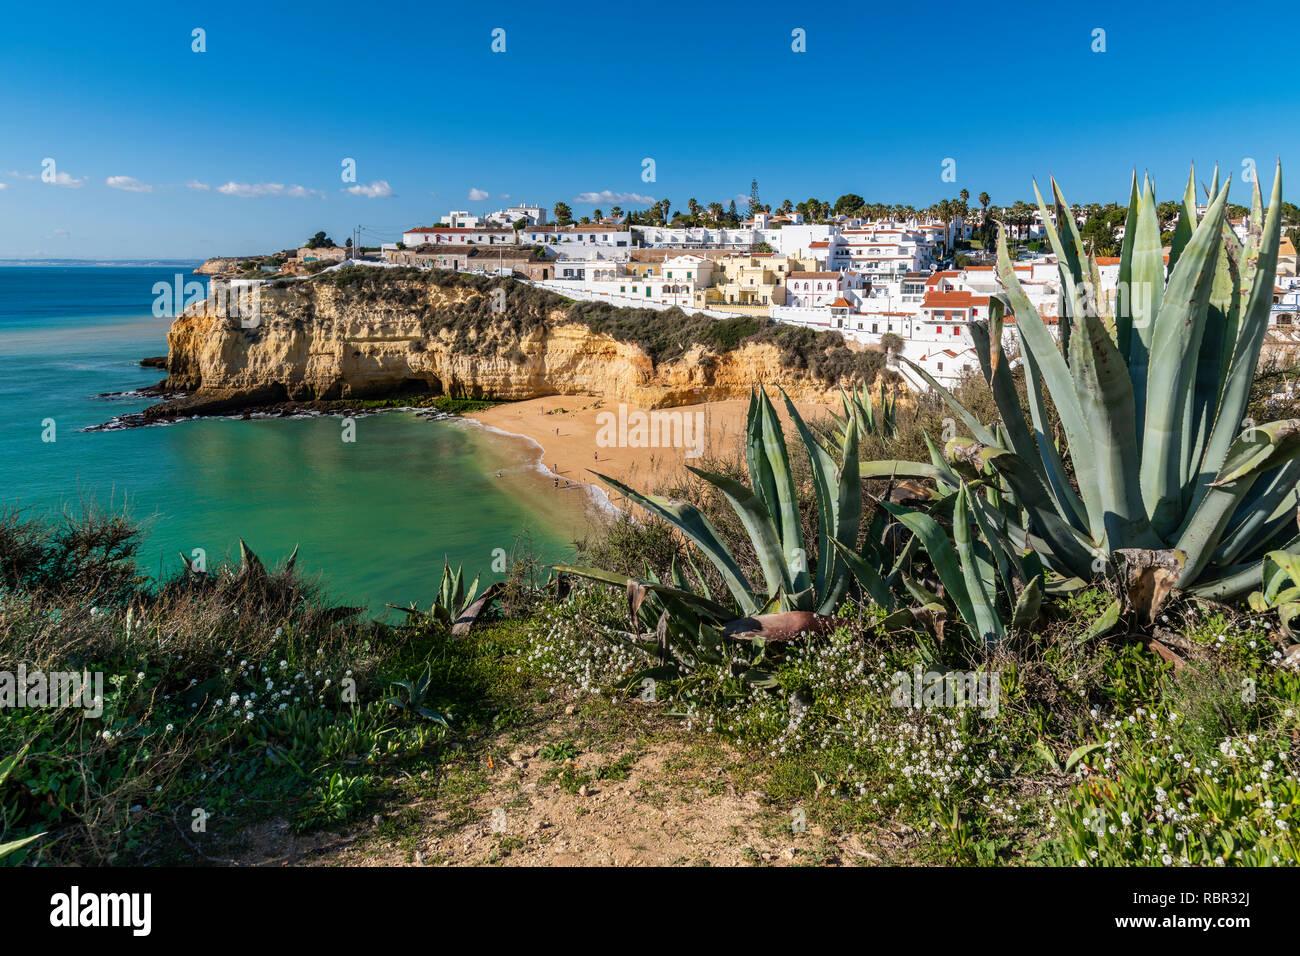 Praia de Carvoeiro, Carvoeiro, Lagoa, Algarve, Portugal Stock Photo